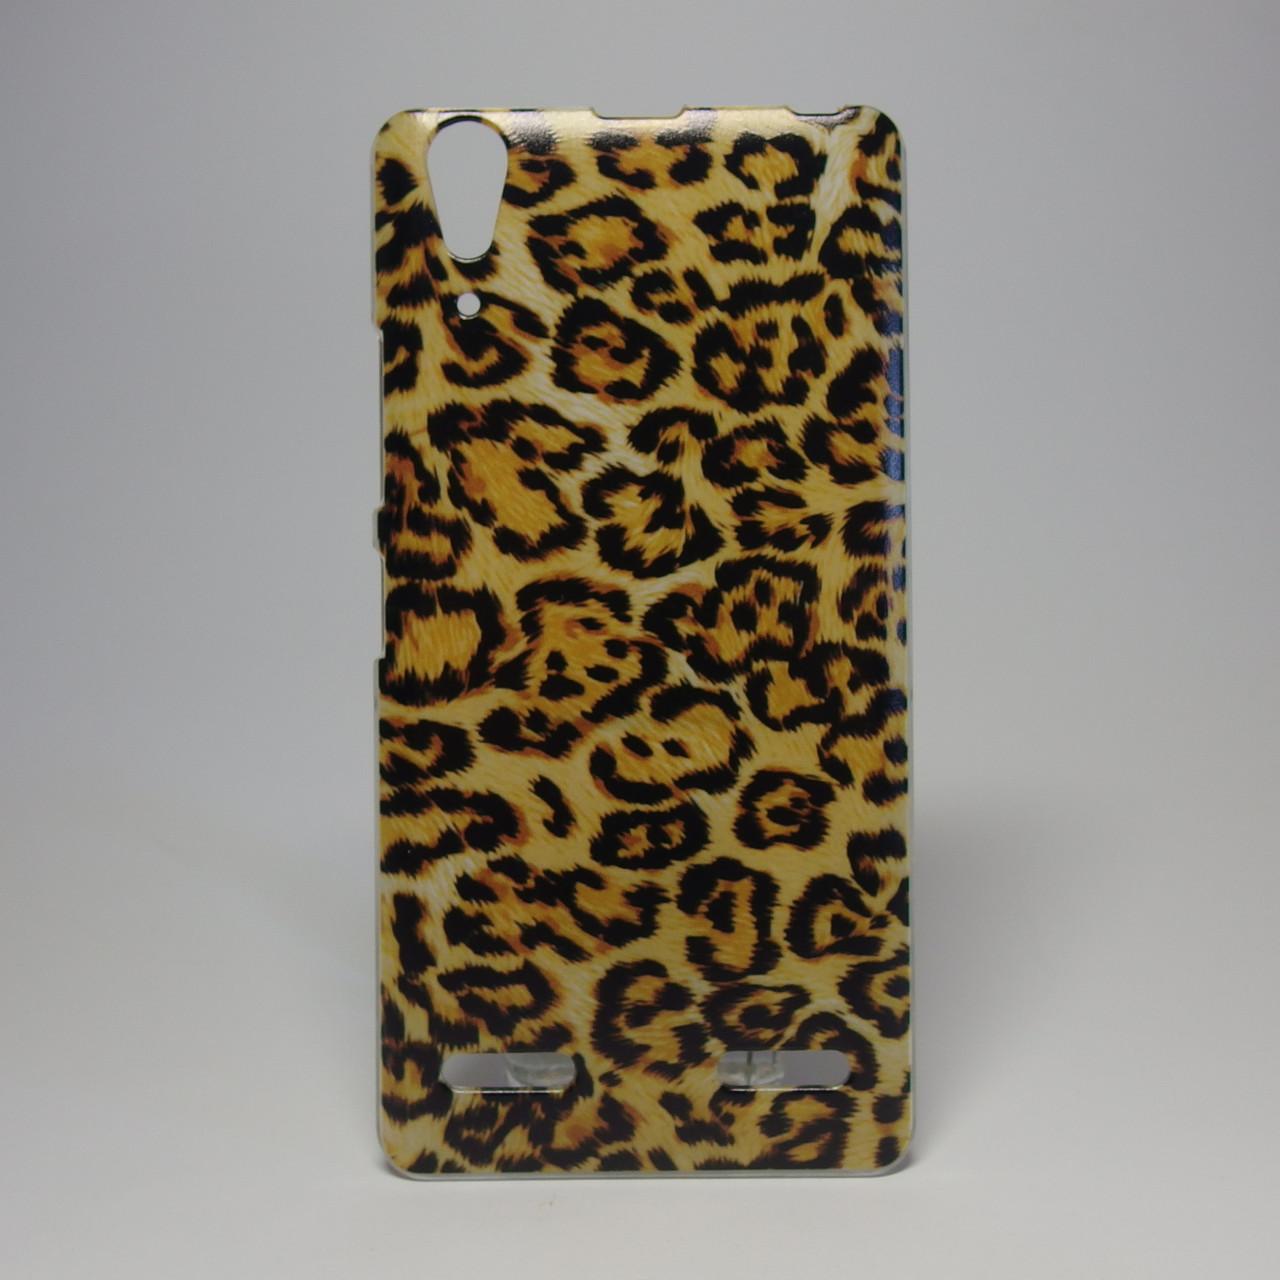 Чохол для lenovo a6000 панель накладка з малюнком леопард